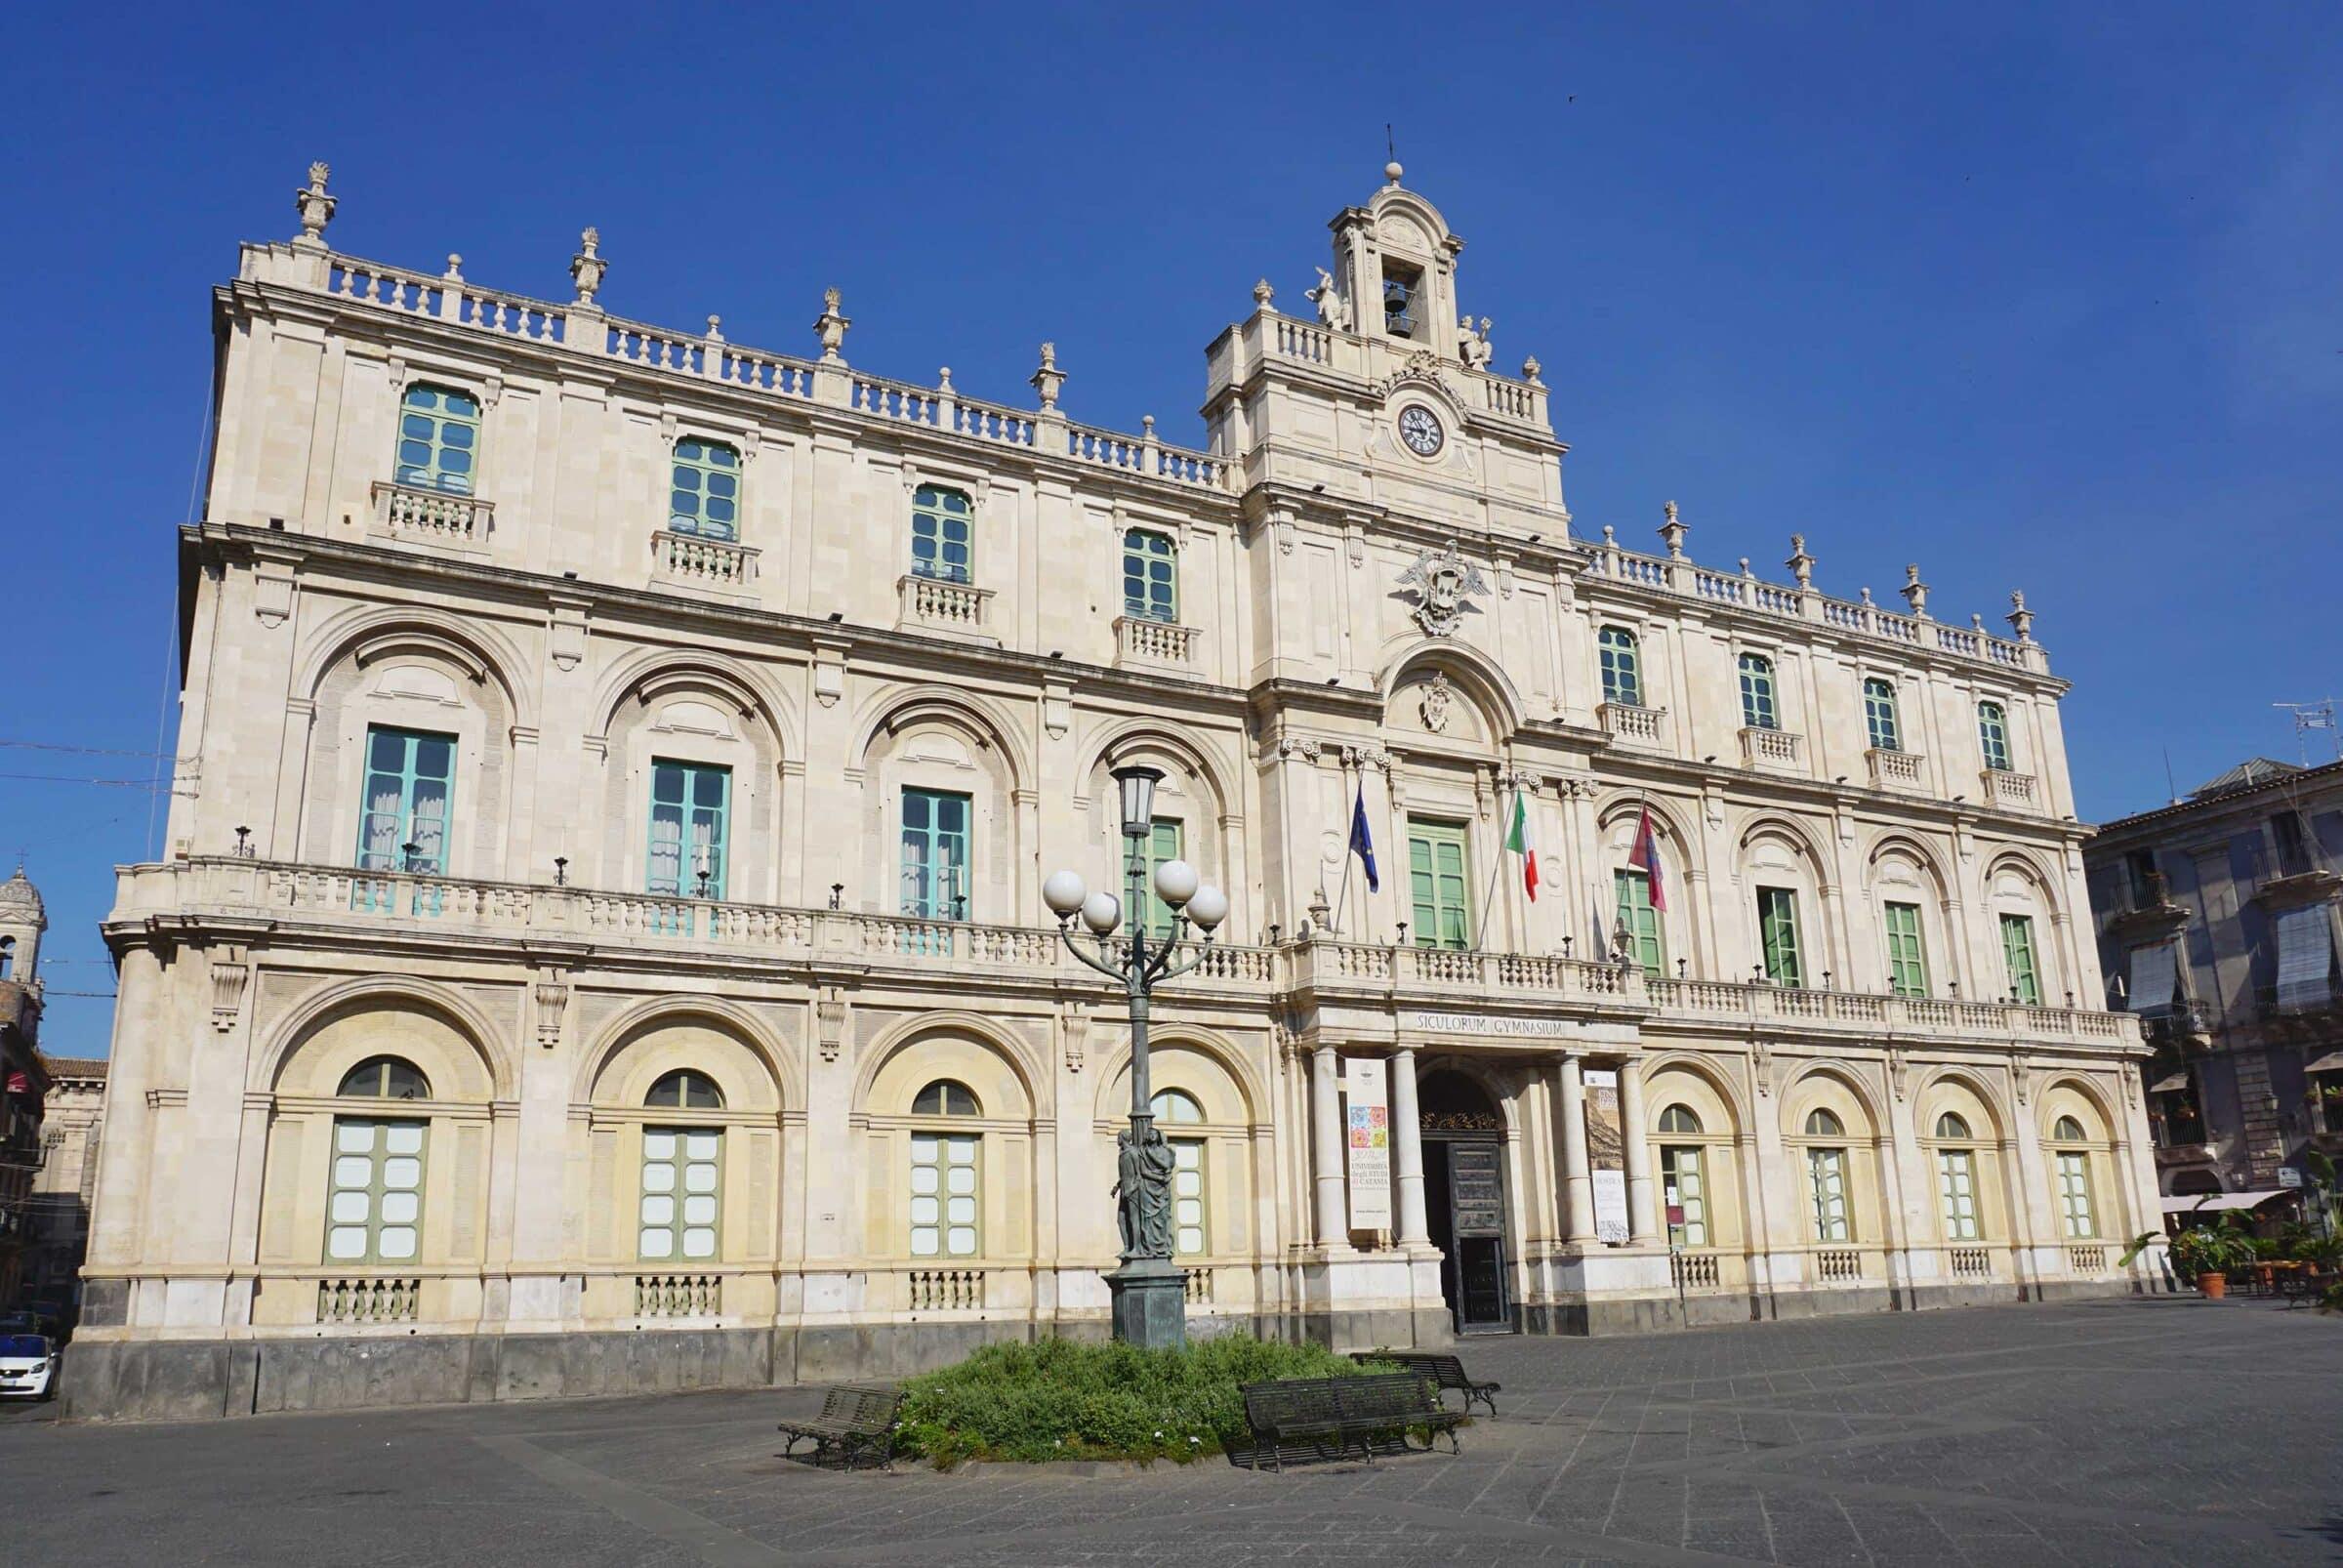 """Allerta meteo rossa su Catania, lezioni a distanza per l'Università etnea: """"Strutture aperte per altre attività"""""""